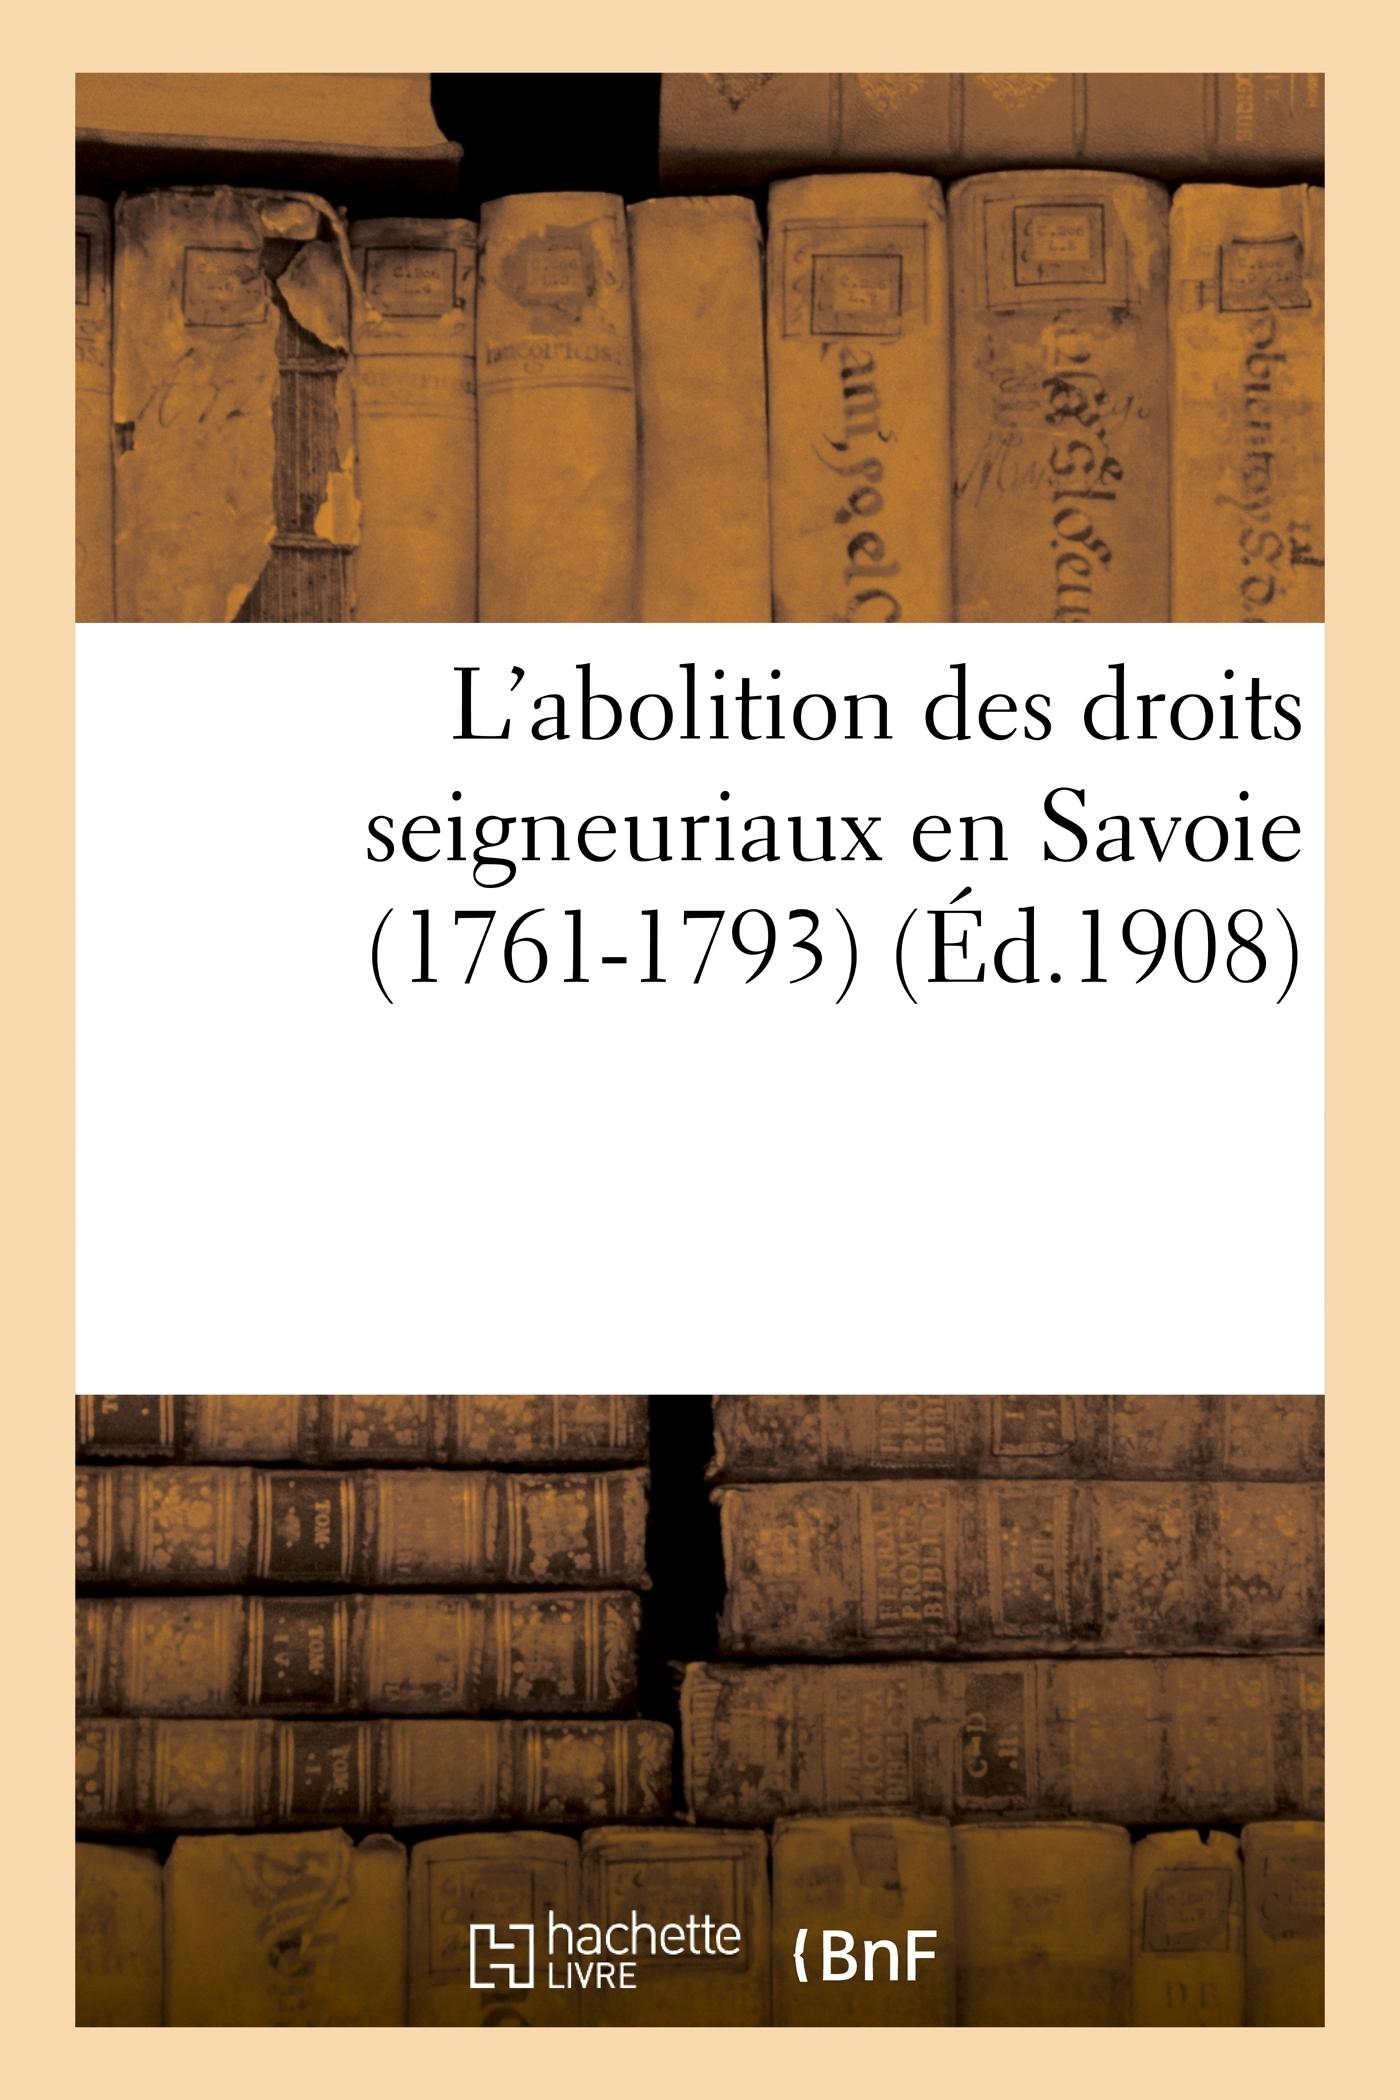 L'ABOLITION DES DROITS SEIGNEURIAUX EN SAVOIE (1761-1793)